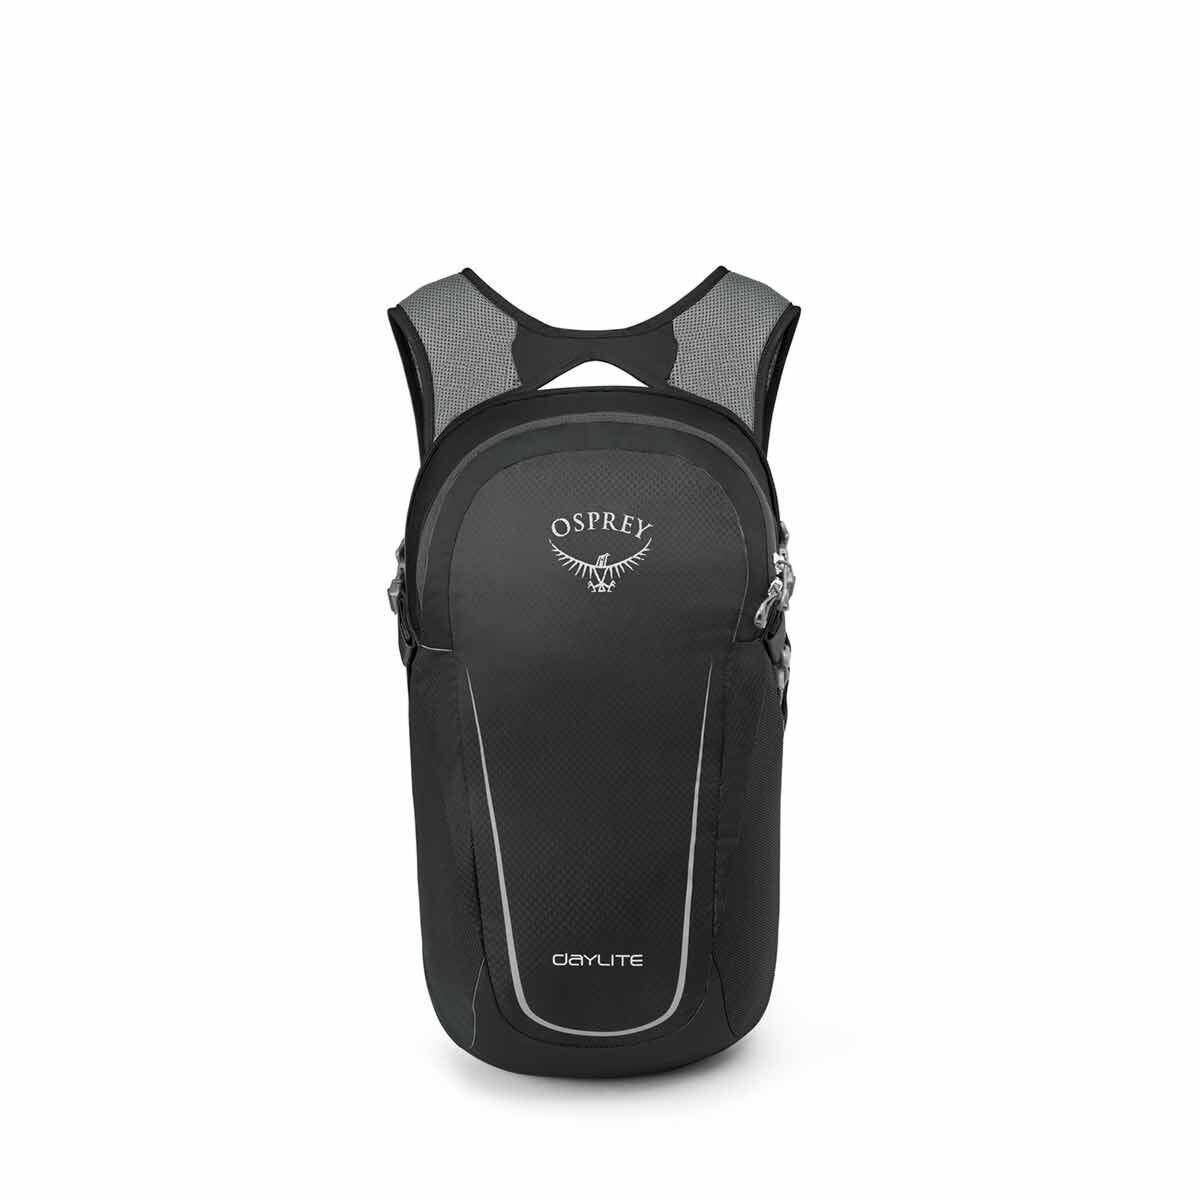 Osprey Daylite 13 Litre Backpack